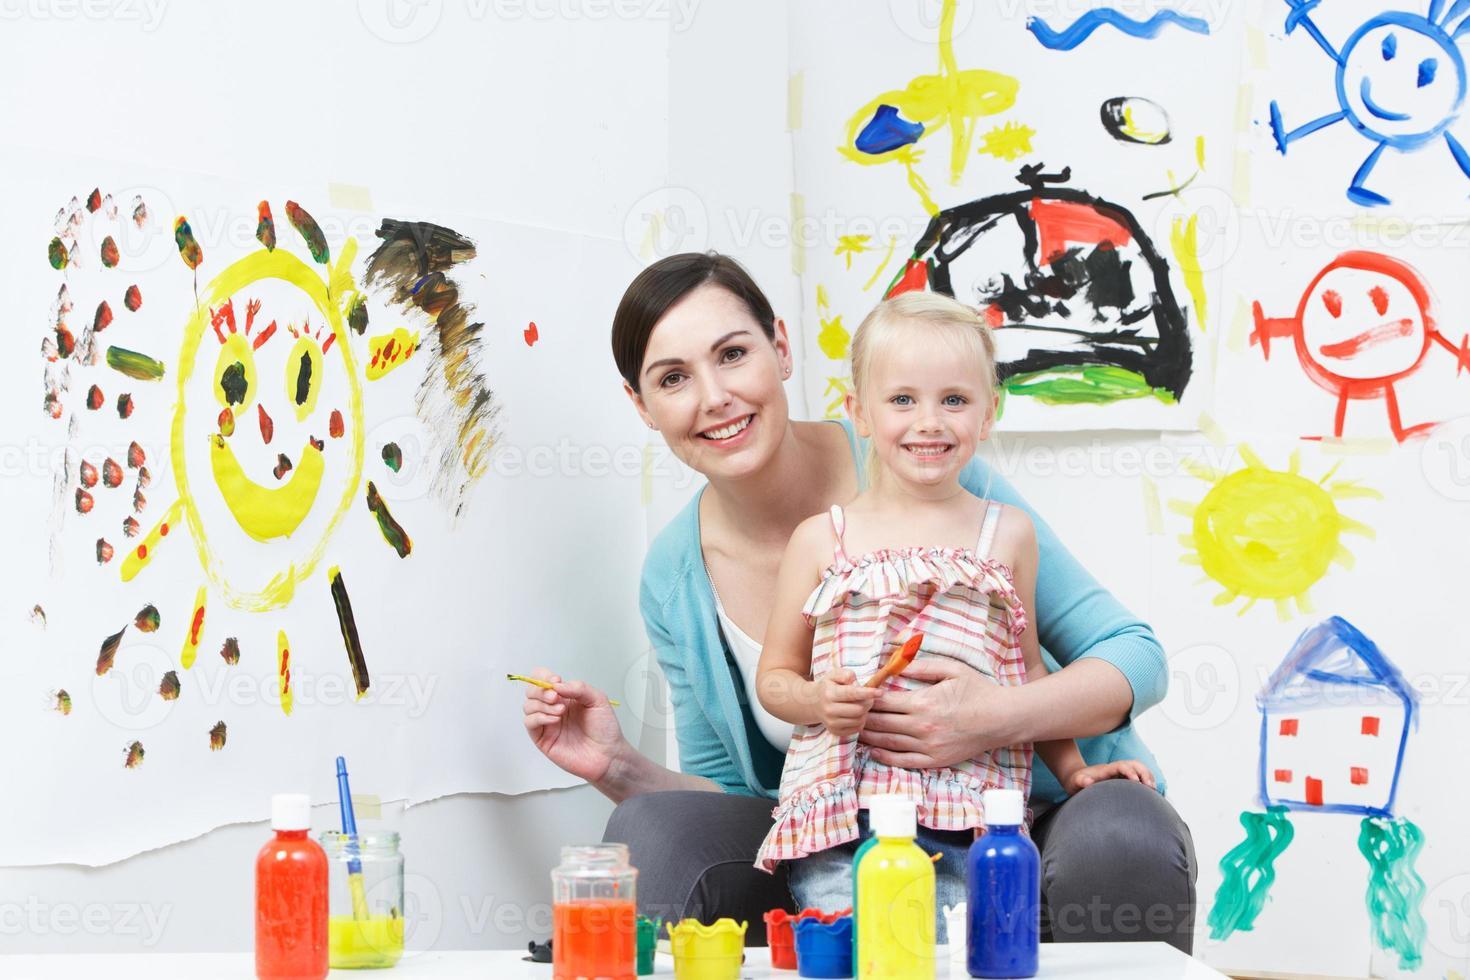 Lehrer und Schüler im Kunstunterricht im Vorschulalter foto